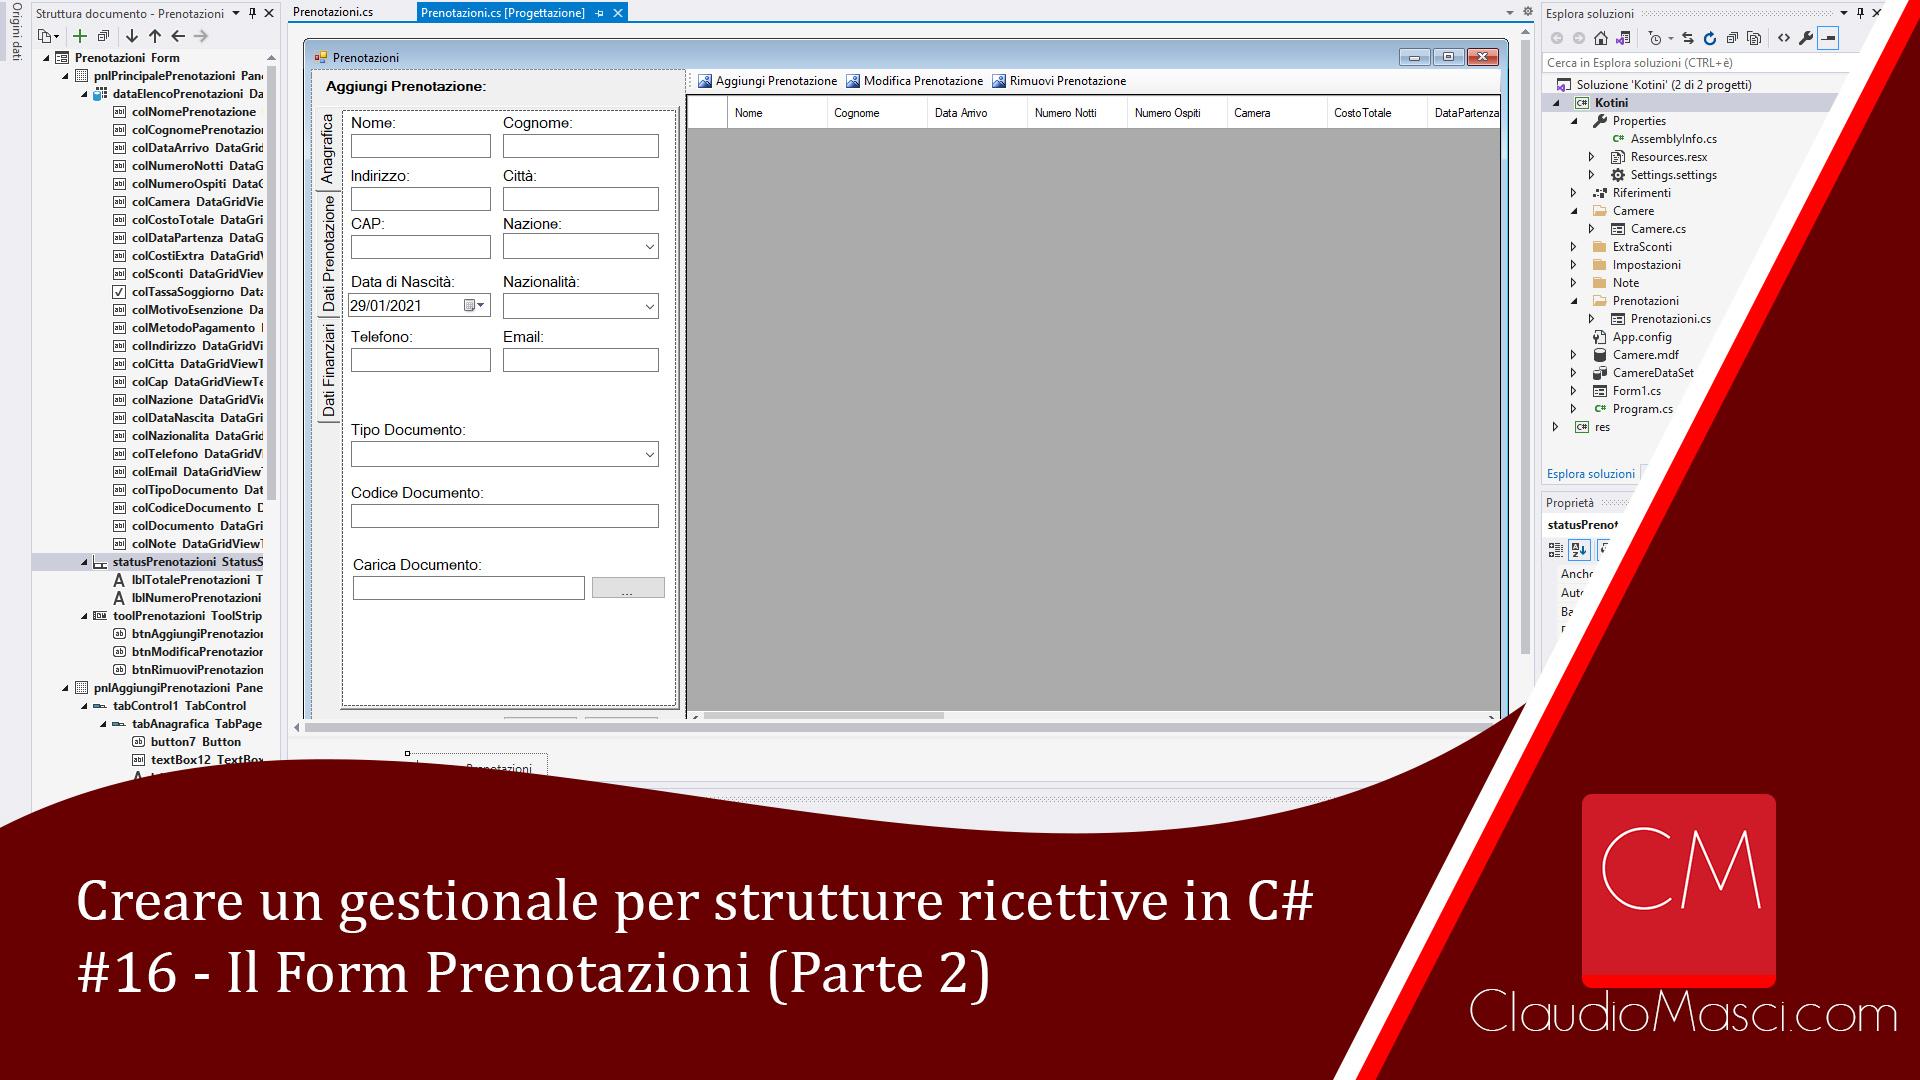 Creare un gestionale per strutture ricettive in C# – 16 – Il Form Prenotazioni (Parte 2)